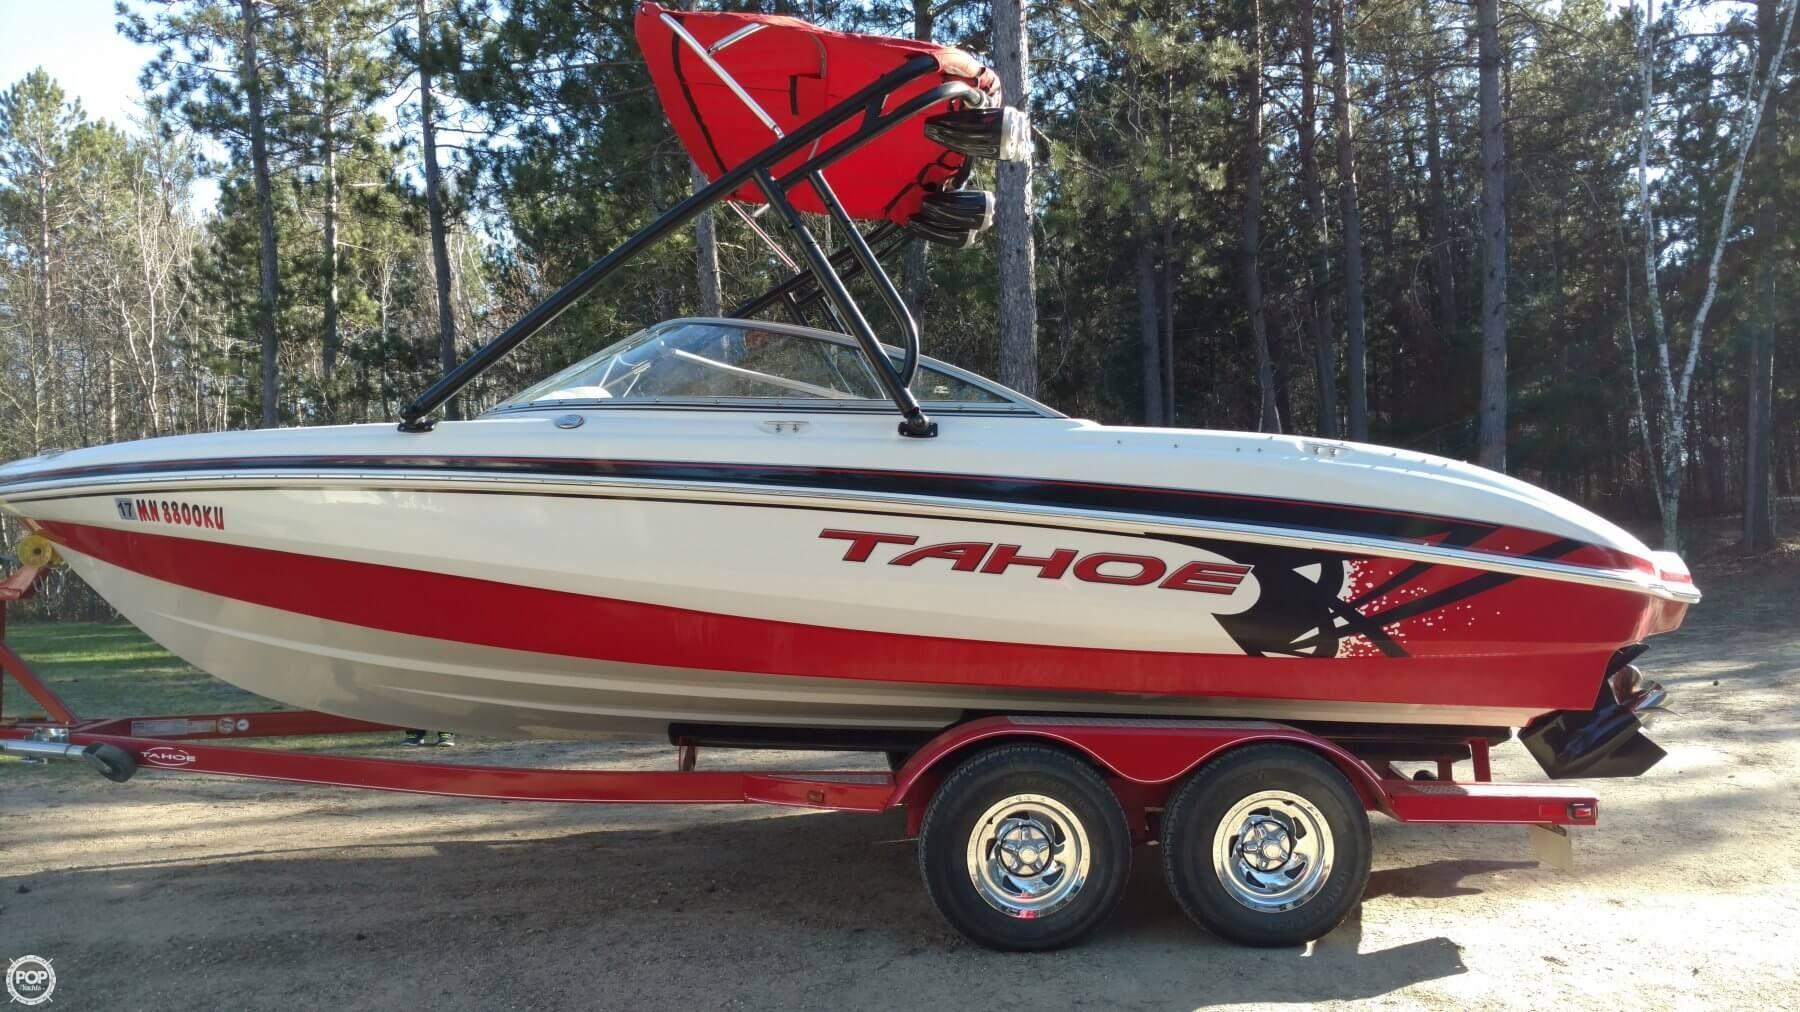 2011 Tahoe 21 Q8 Ssi For Sale Ski Boats For Sale Ski Boats Tahoe